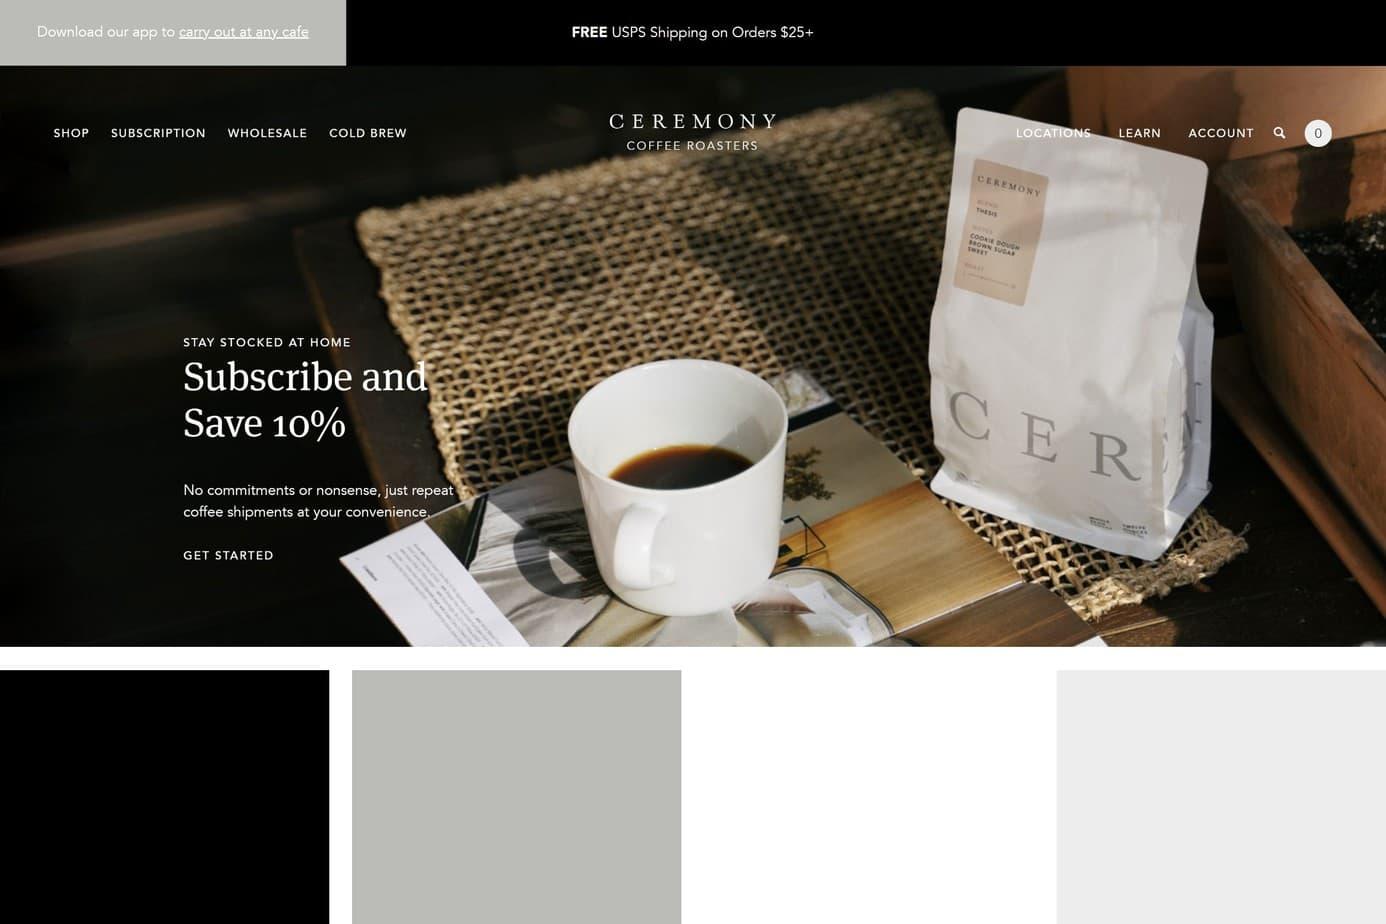 ceremony coffee website design